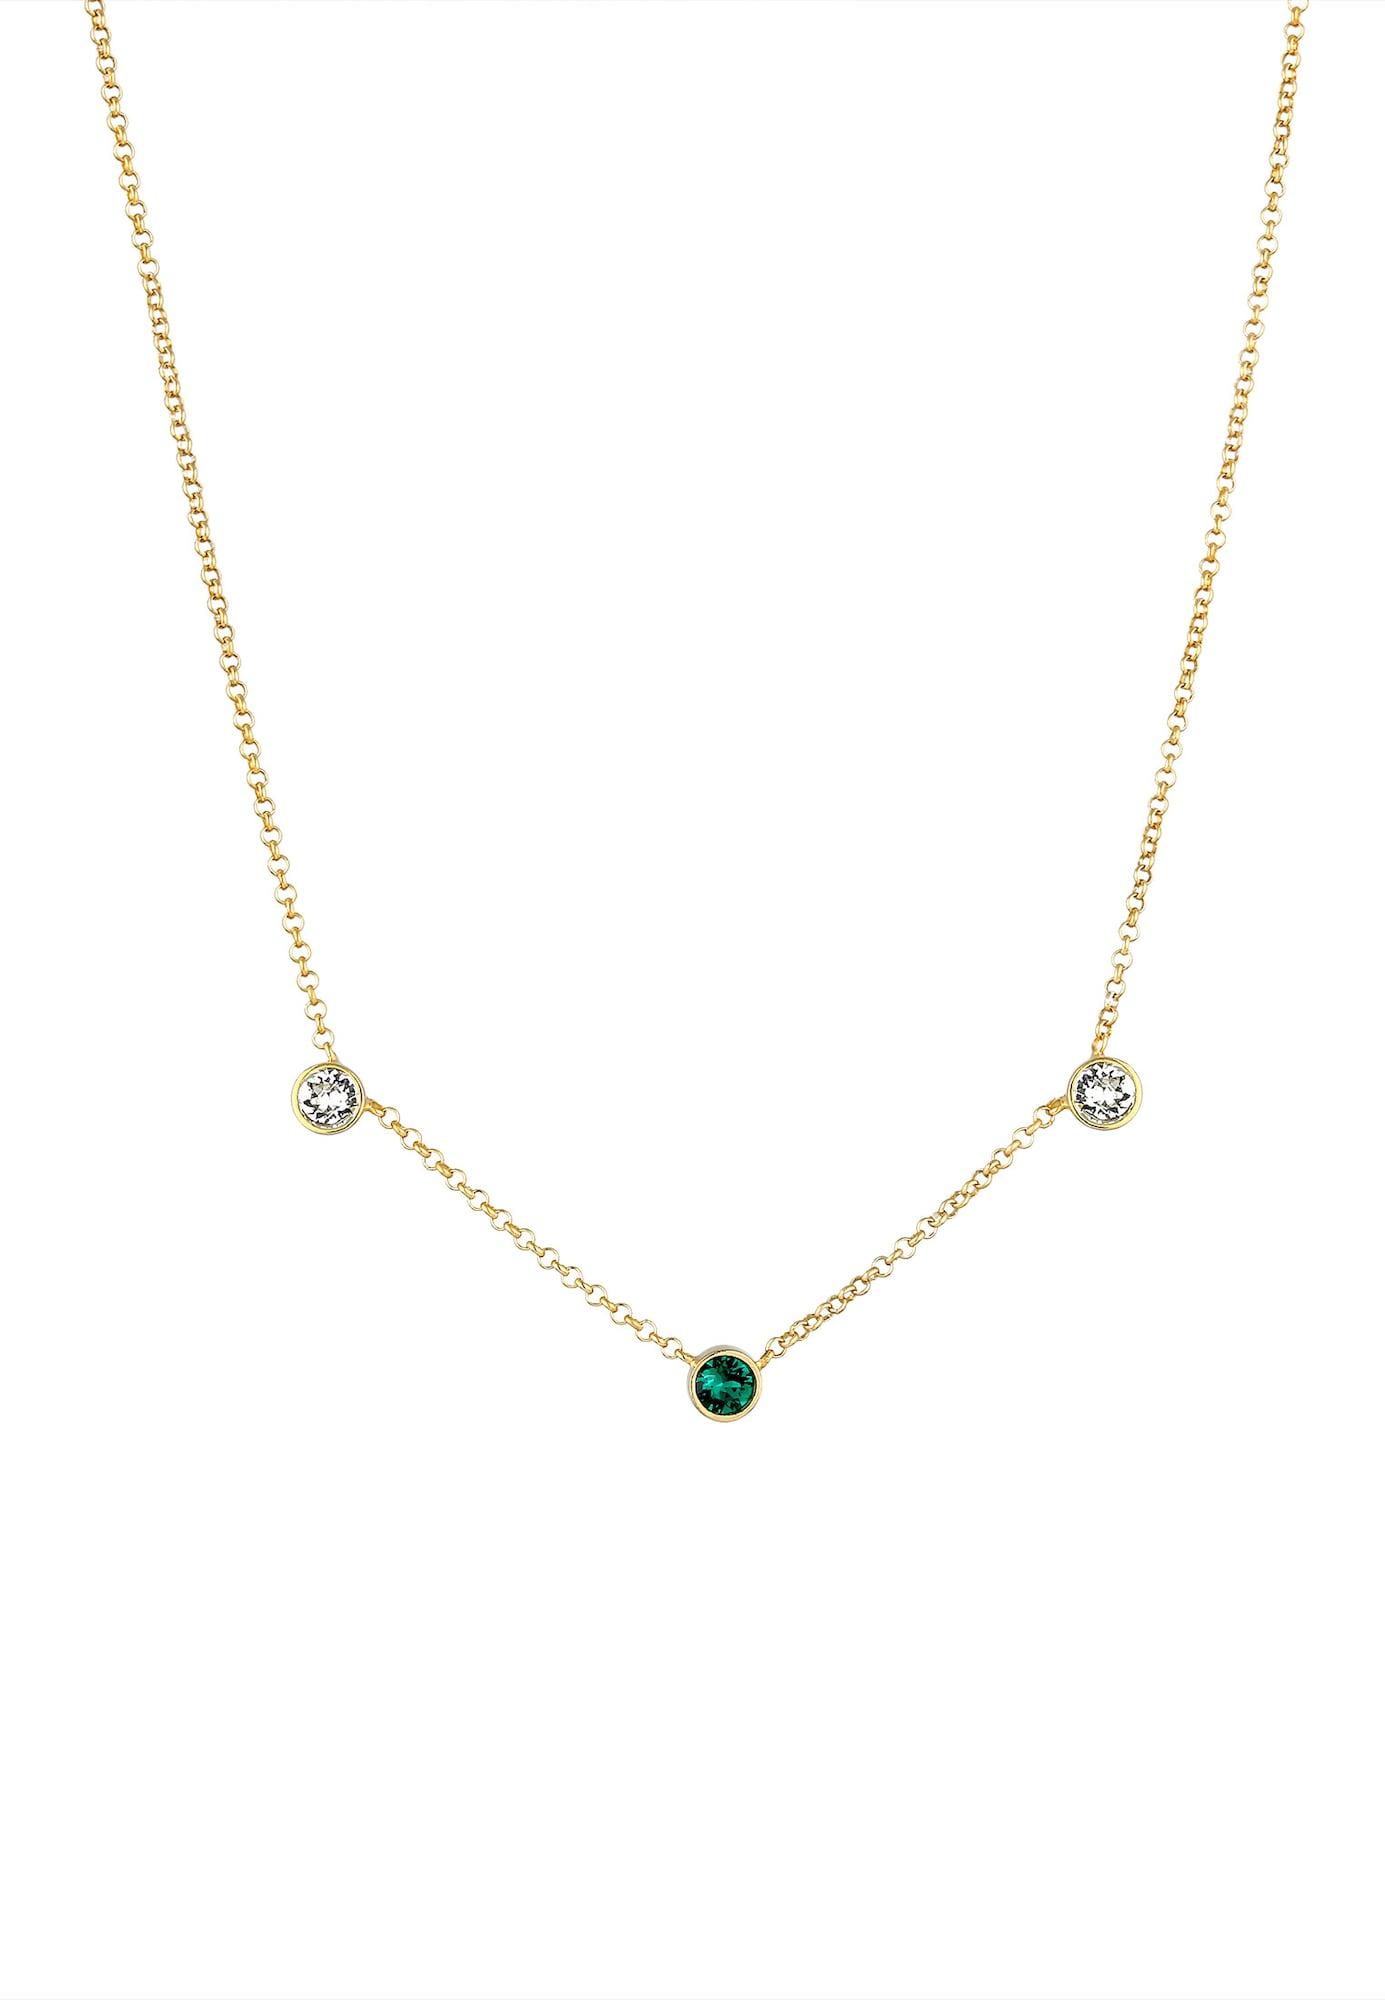 Halskette Kristall Kette, Solitär-Kette | Schmuck > Halsketten > Lange Ketten | ELLI